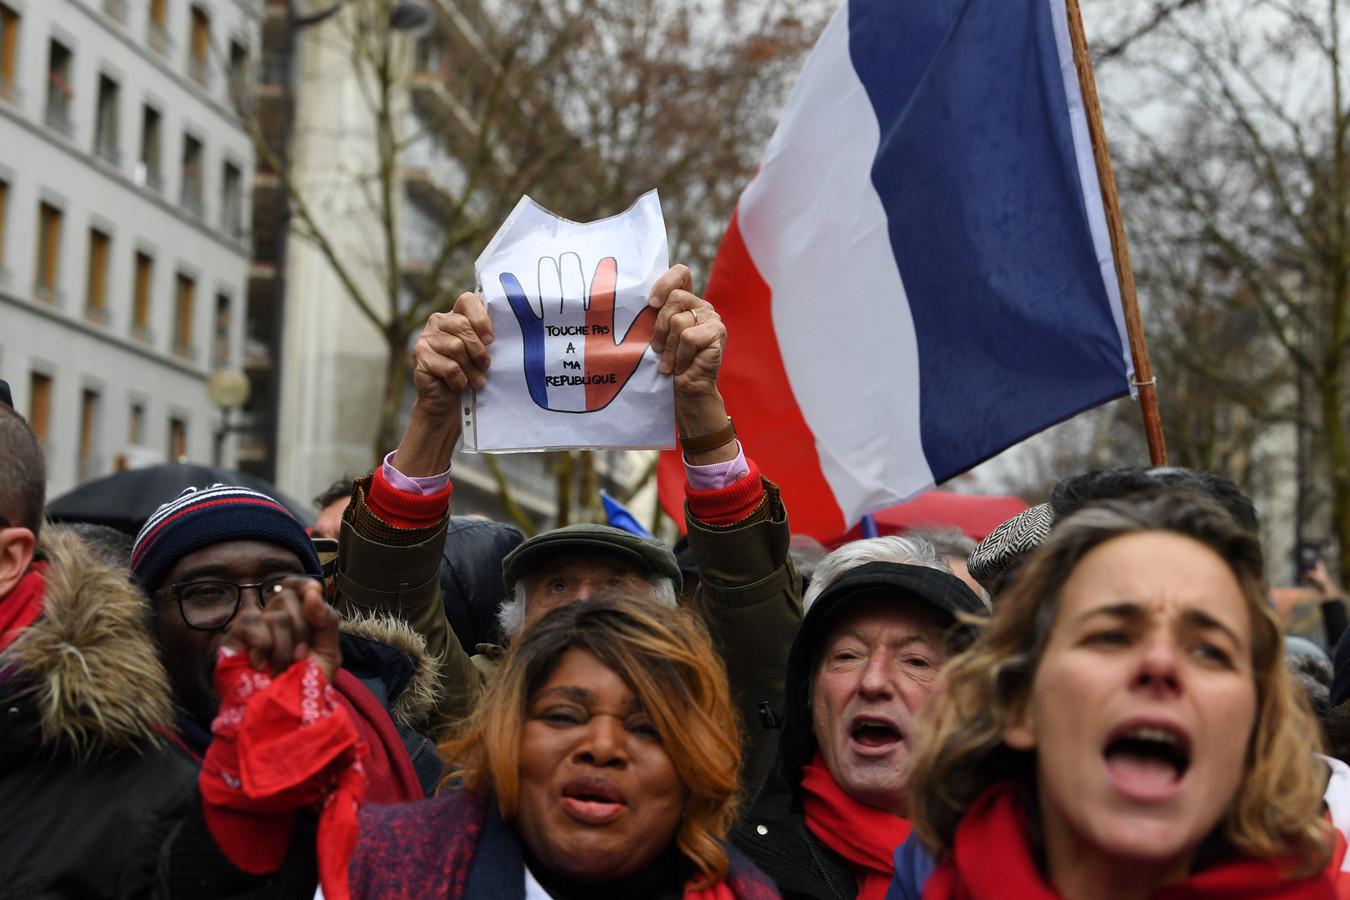 Rode sjaaltjes demonstreerden in Parijs tegen de gele hesjes.